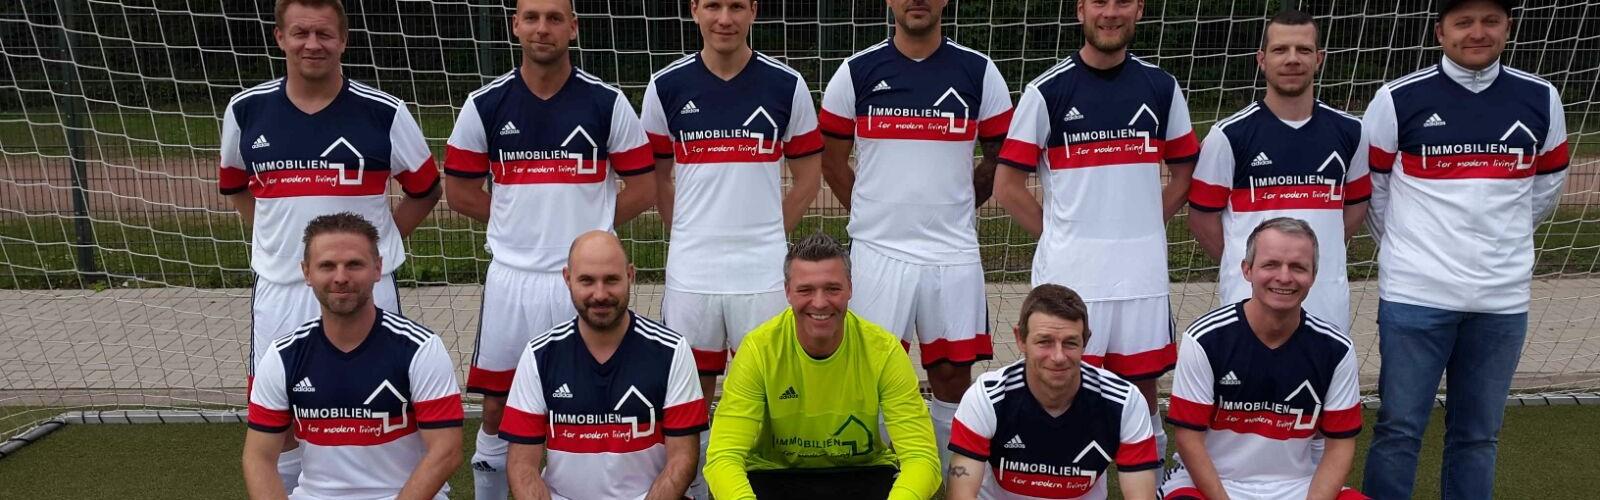 Foto zum Beitrag: Ü32 Kleinfeld- Spielrunde 2017/18 startet wieder